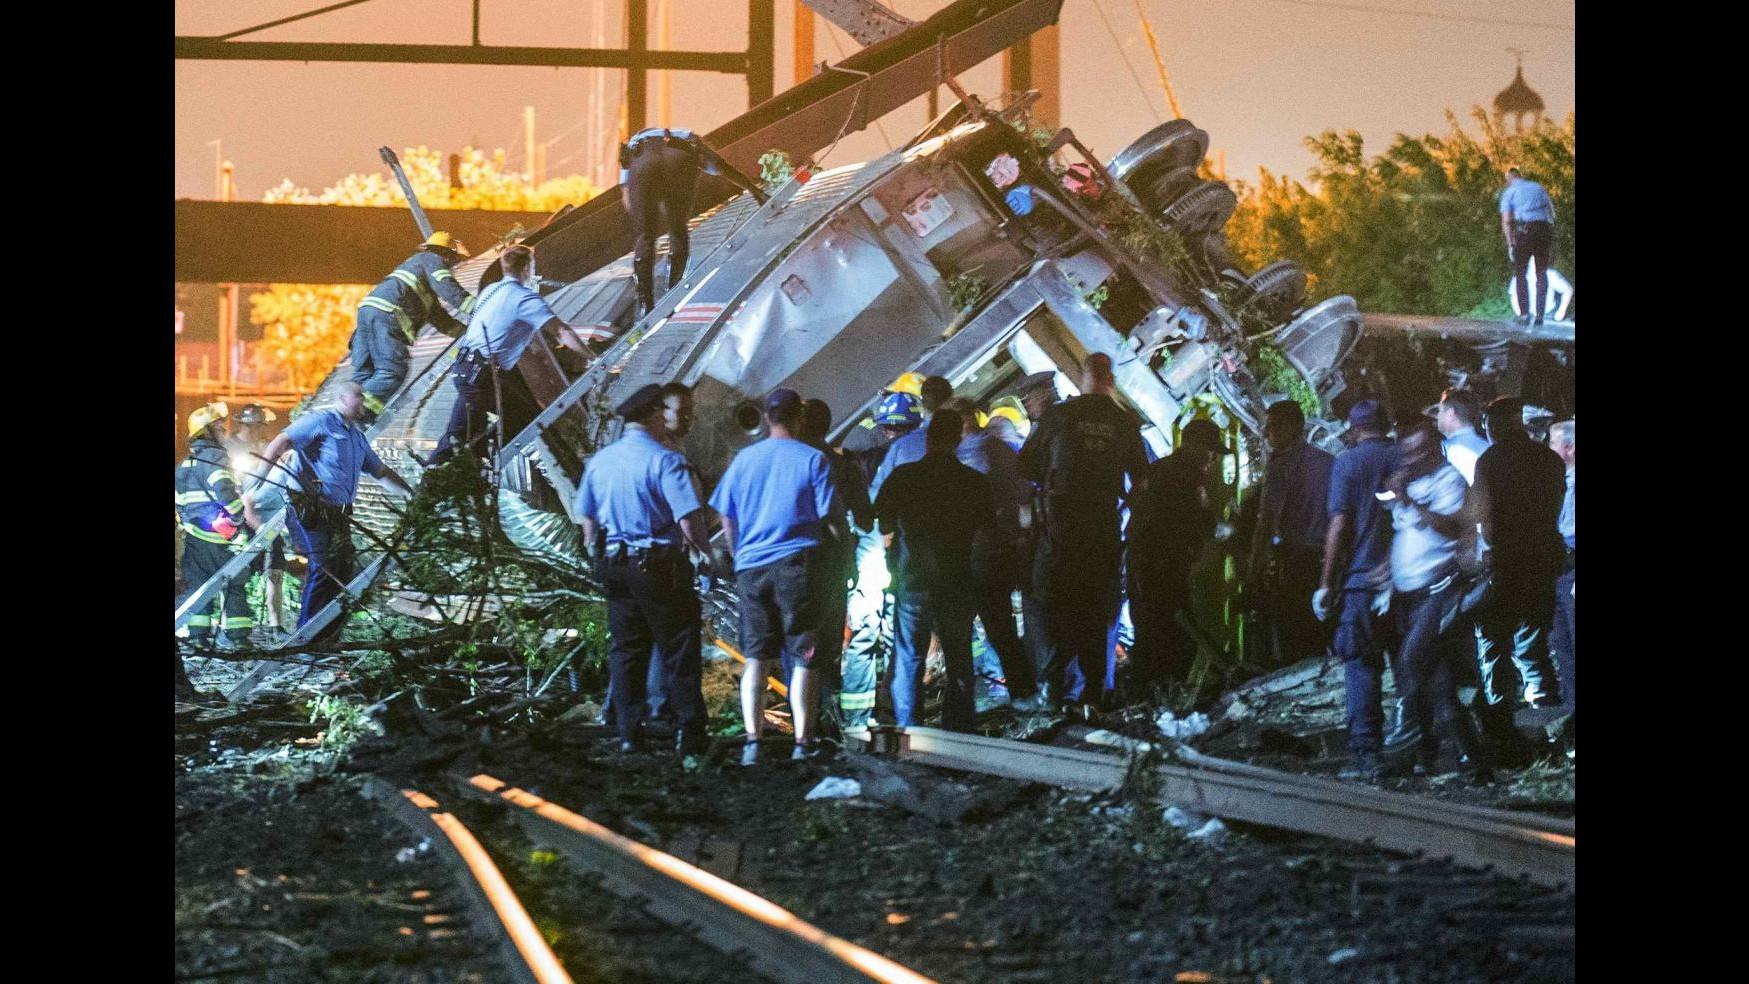 Usa, deraglia treno a Filadelfia: almeno 5 morti e 65 feriti